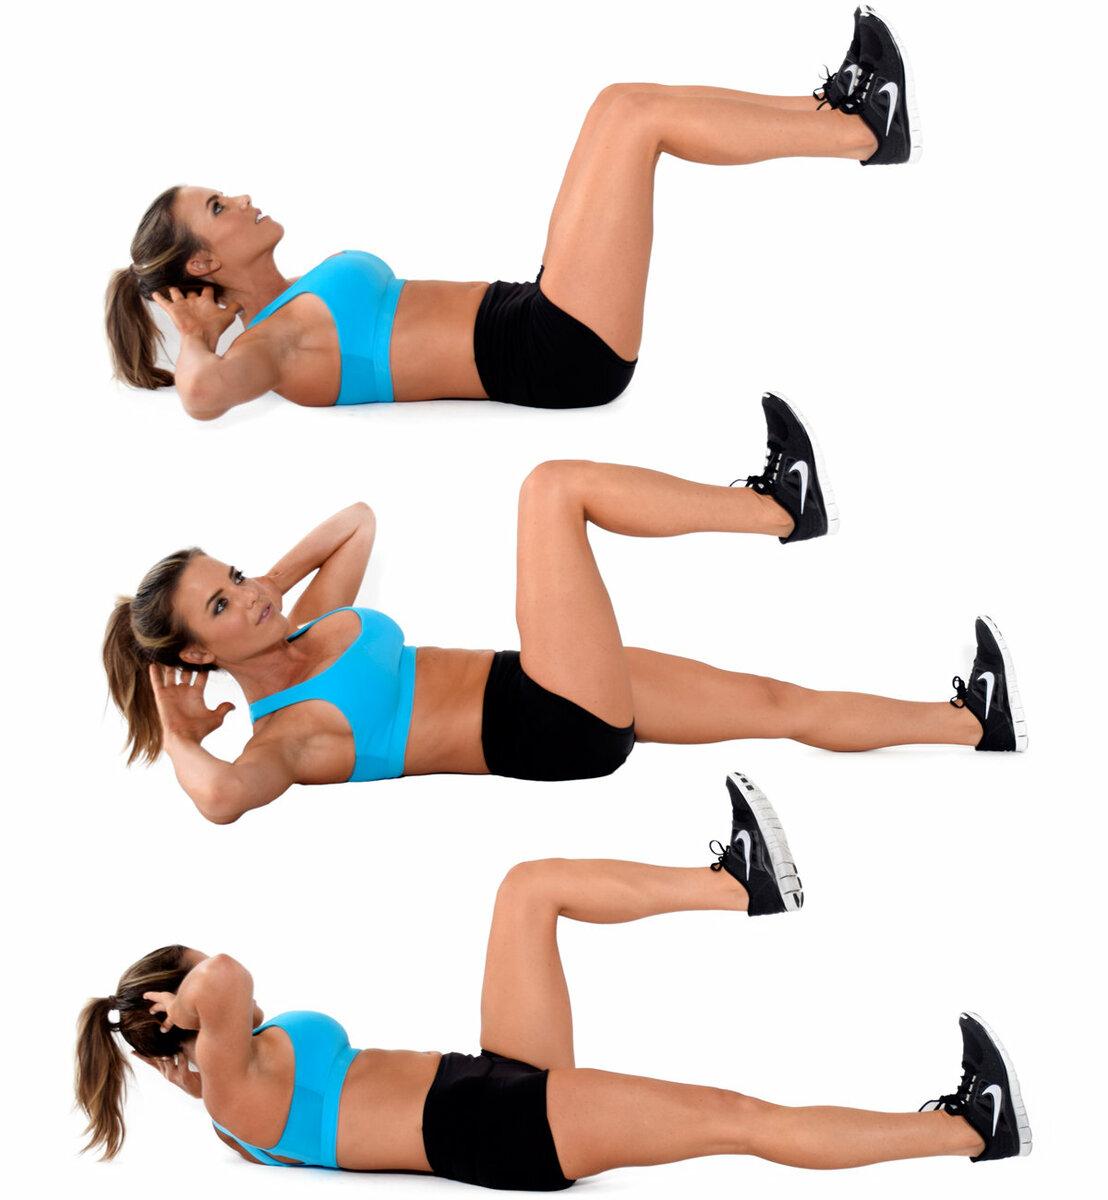 Супер комплекс из 9-ти статических упражнений для ног, ягодиц и бедер